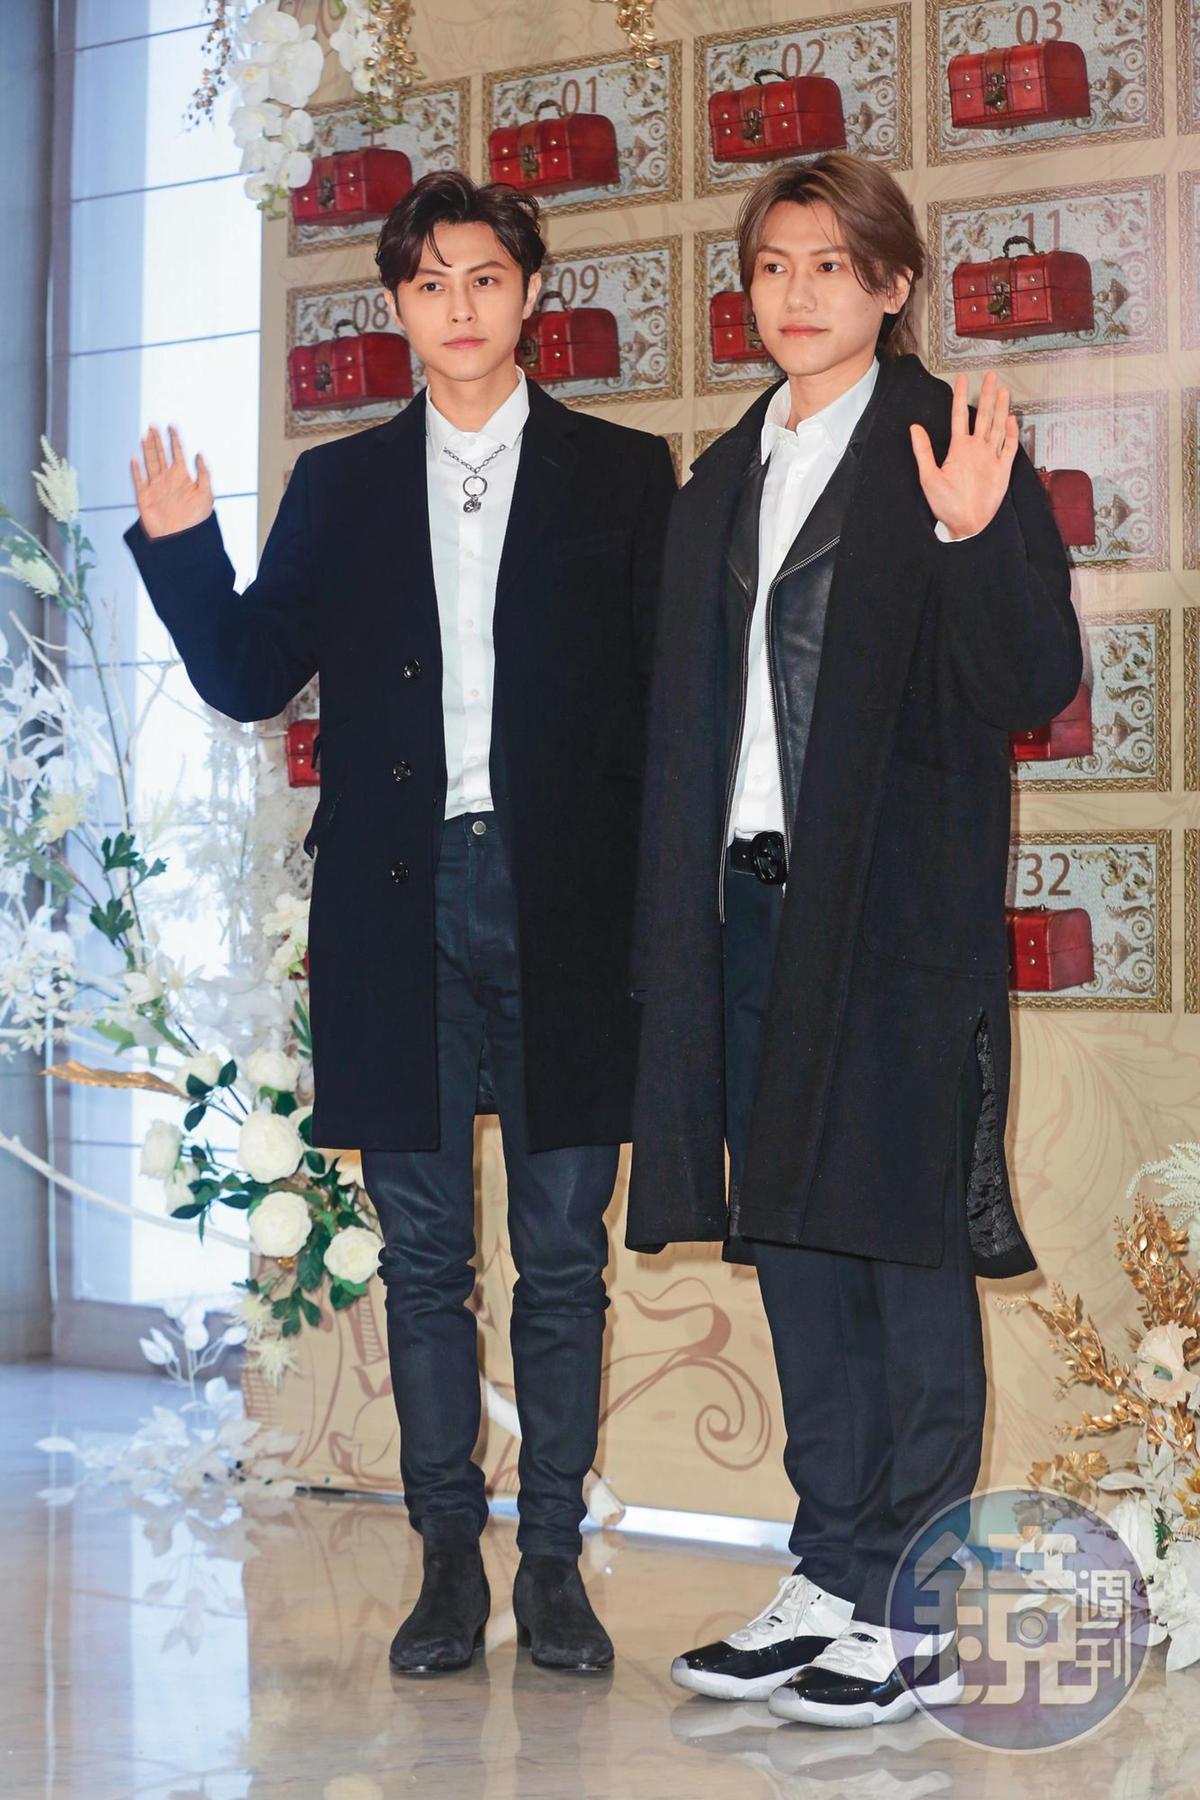 當初邱宇辰(右)和哥哥王子(左)一同從選秀節目出道,2人各擁一片天。